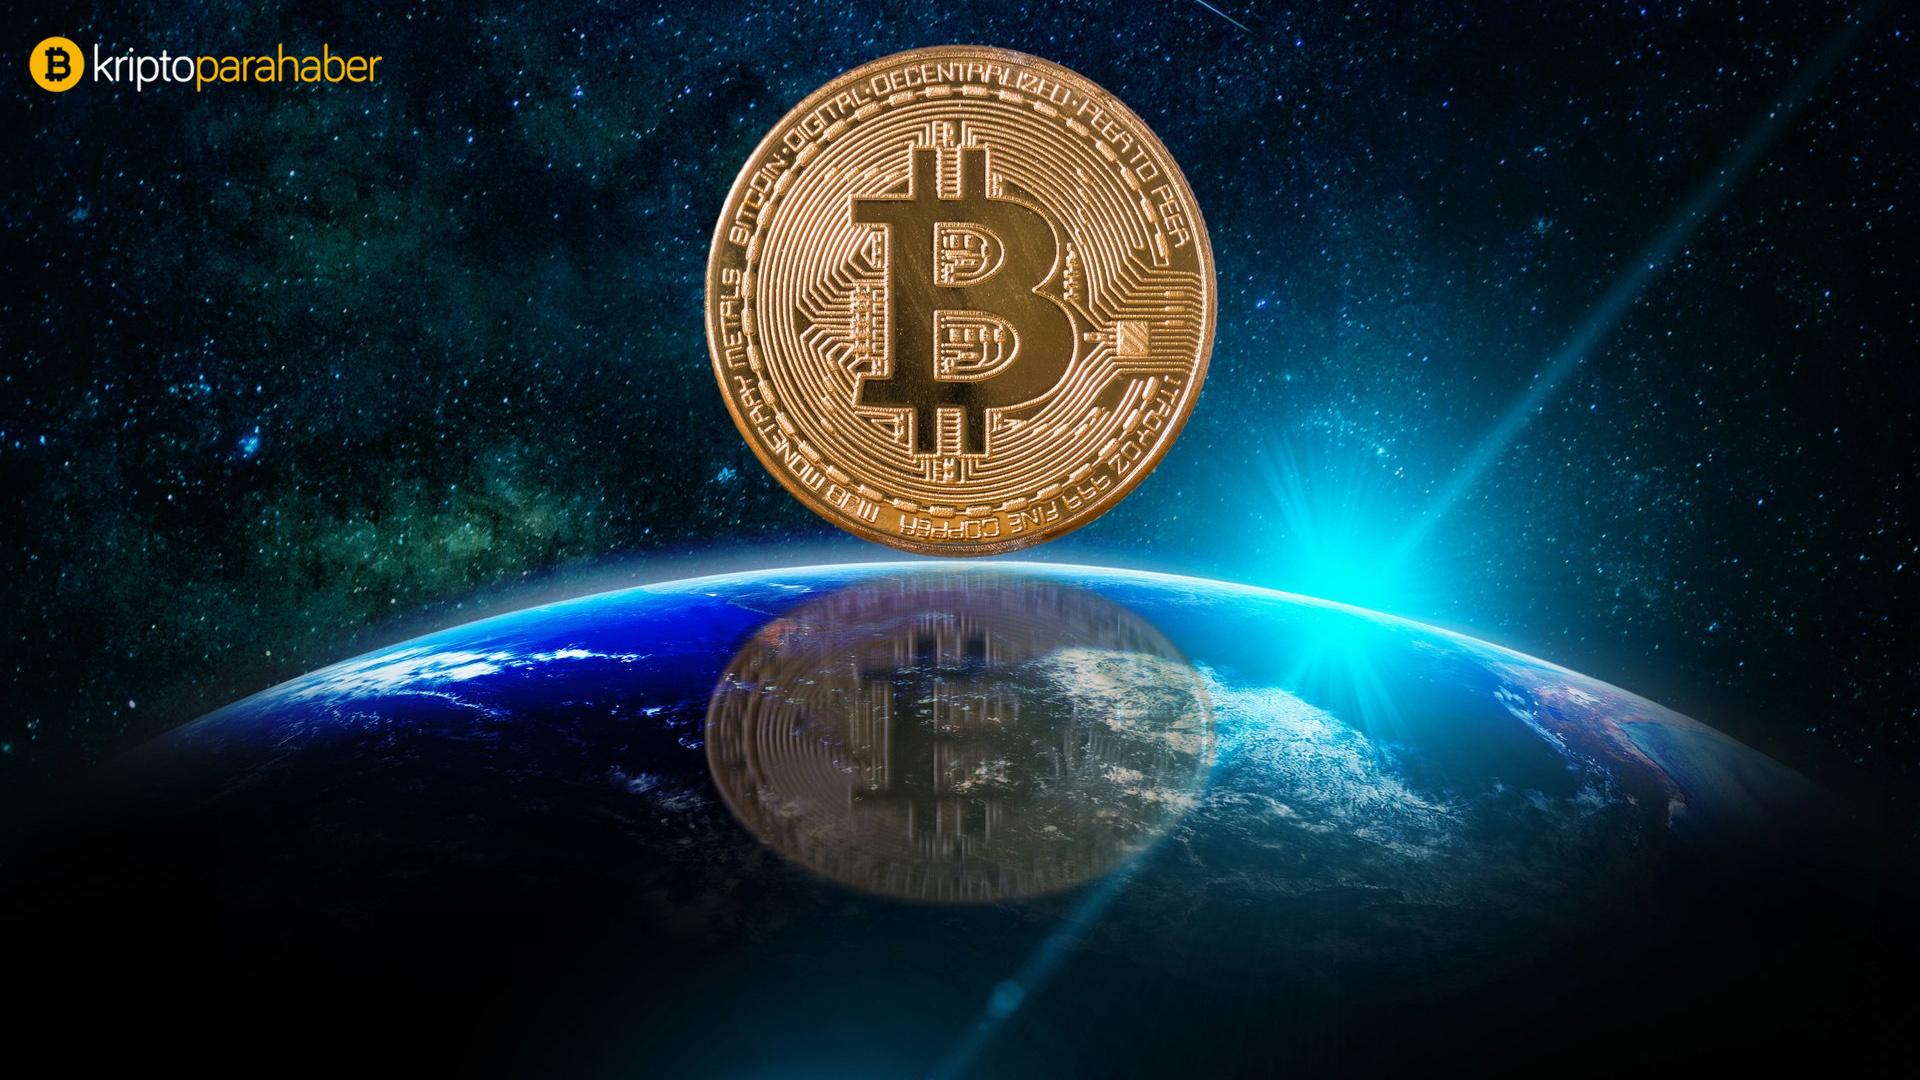 Bitcoin ticaretindeki artış, Asya dopingli olabilir